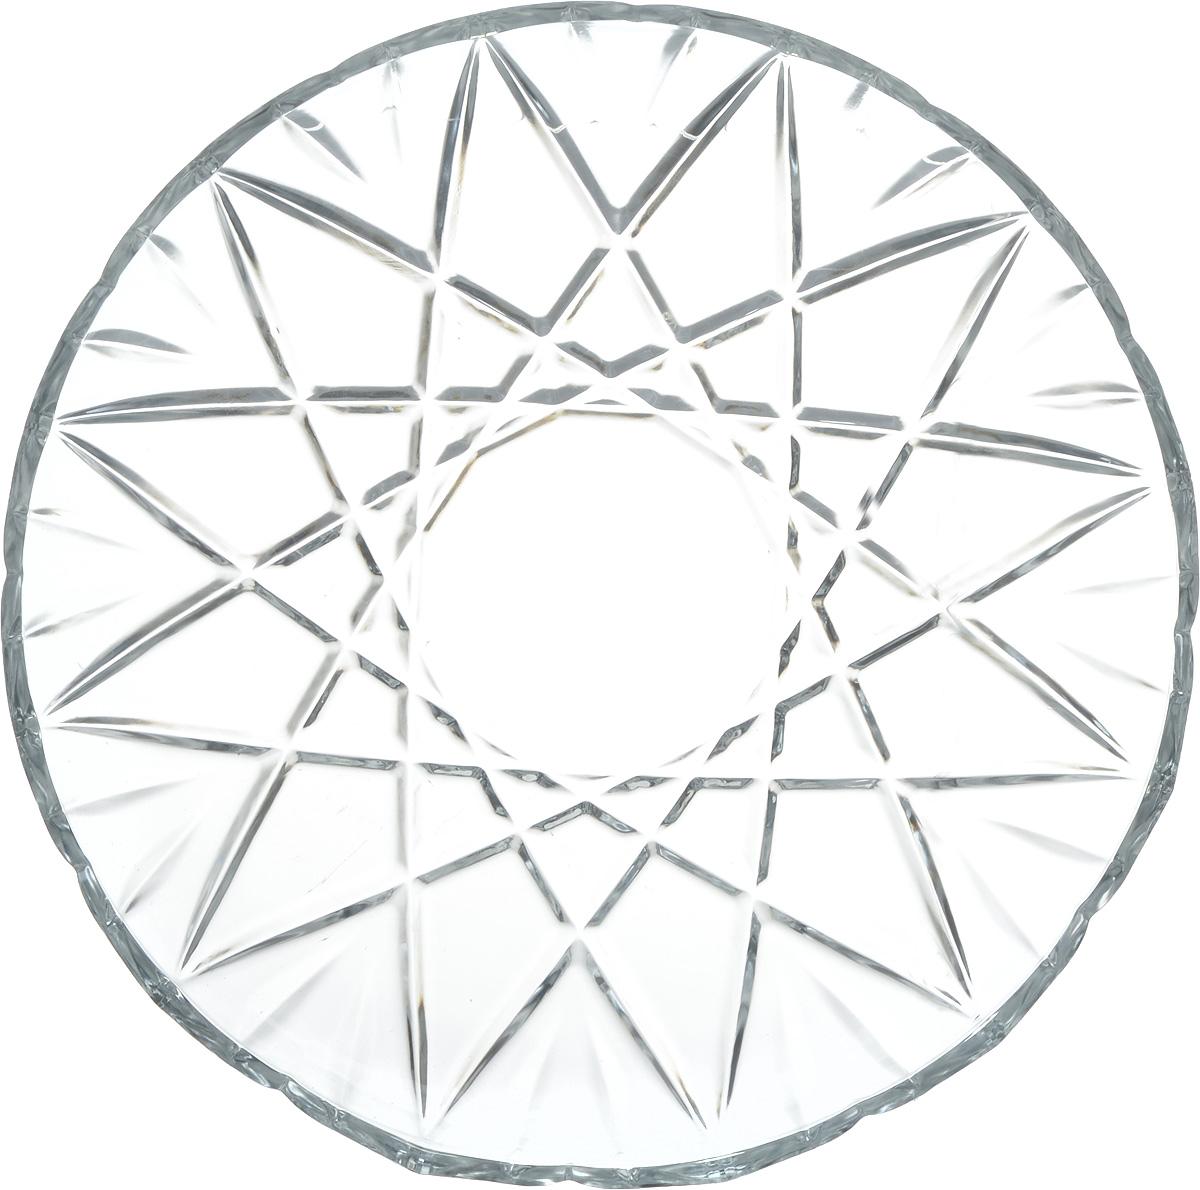 Блюдо Isfahan Orkideh, диаметр 31,5 см546Блюдо Isfahan Orkideh, выполненное из высококачественного стекла, оригинальноукрасит праздничный стол и поможет красиво расположить торт или пирог.Такое изделие изиранского боросиликатного стекла - новый тренд на рынке посуды. Оно легче хрусталя, но приэтом выглядит достаточно хрустально: те же грани, узоры, преломление света, блики,прозрачность, плавность краев и устойчивость дна.